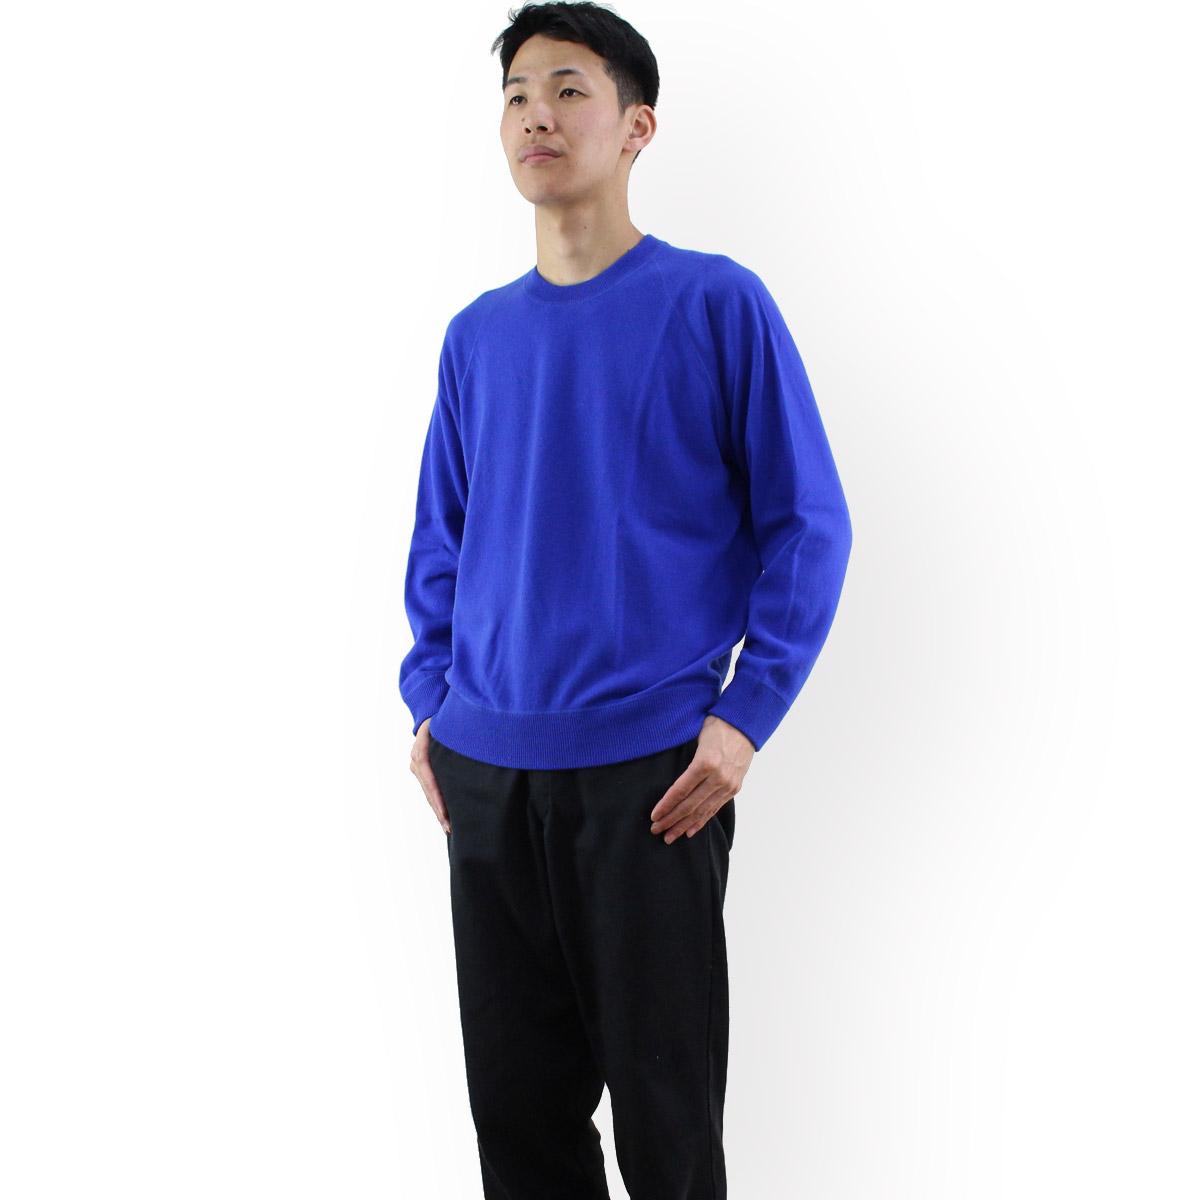 ルナリアカシミア Lunaria Cashmere Model 108 ピュアカシミアニットクルーネックセーターメンズ カラー: ブルー OLS-4 apparel-01   big-01